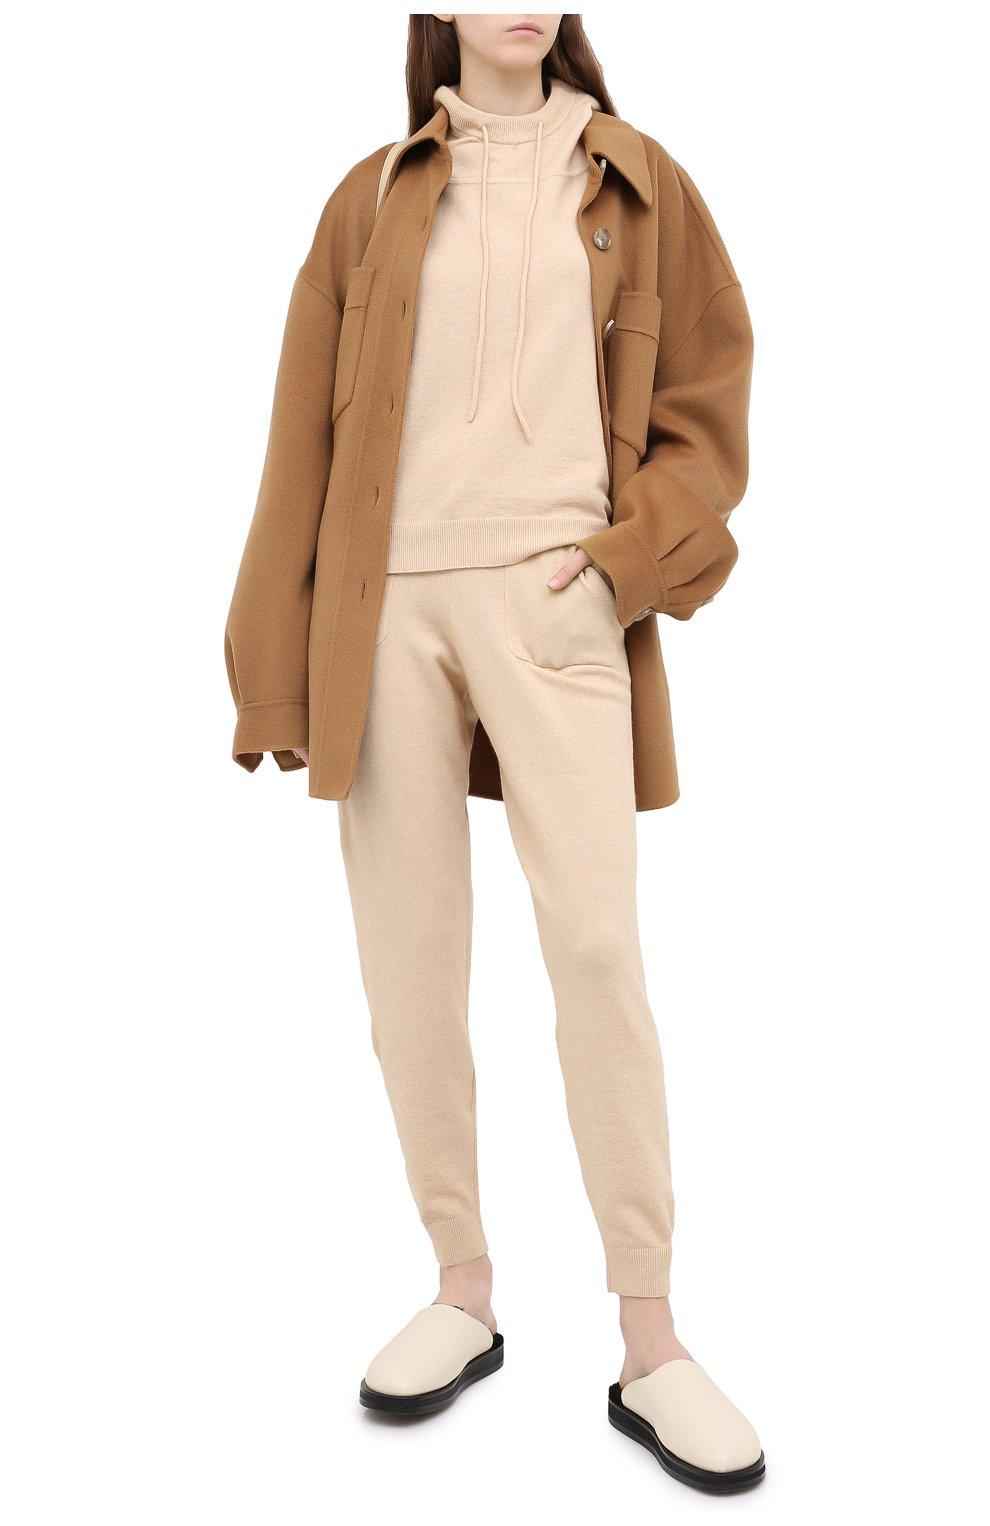 Женские джоггеры ALLUDE бежевого цвета, арт. 205/65023 | Фото 2 (Материал внешний: Шерсть, Синтетический материал; Длина (брюки, джинсы): Стандартные; Женское Кросс-КТ: Брюки-одежда, Джоггеры - брюки; Силуэт Ж (брюки и джинсы): Джоггеры; Кросс-КТ: Трикотаж)